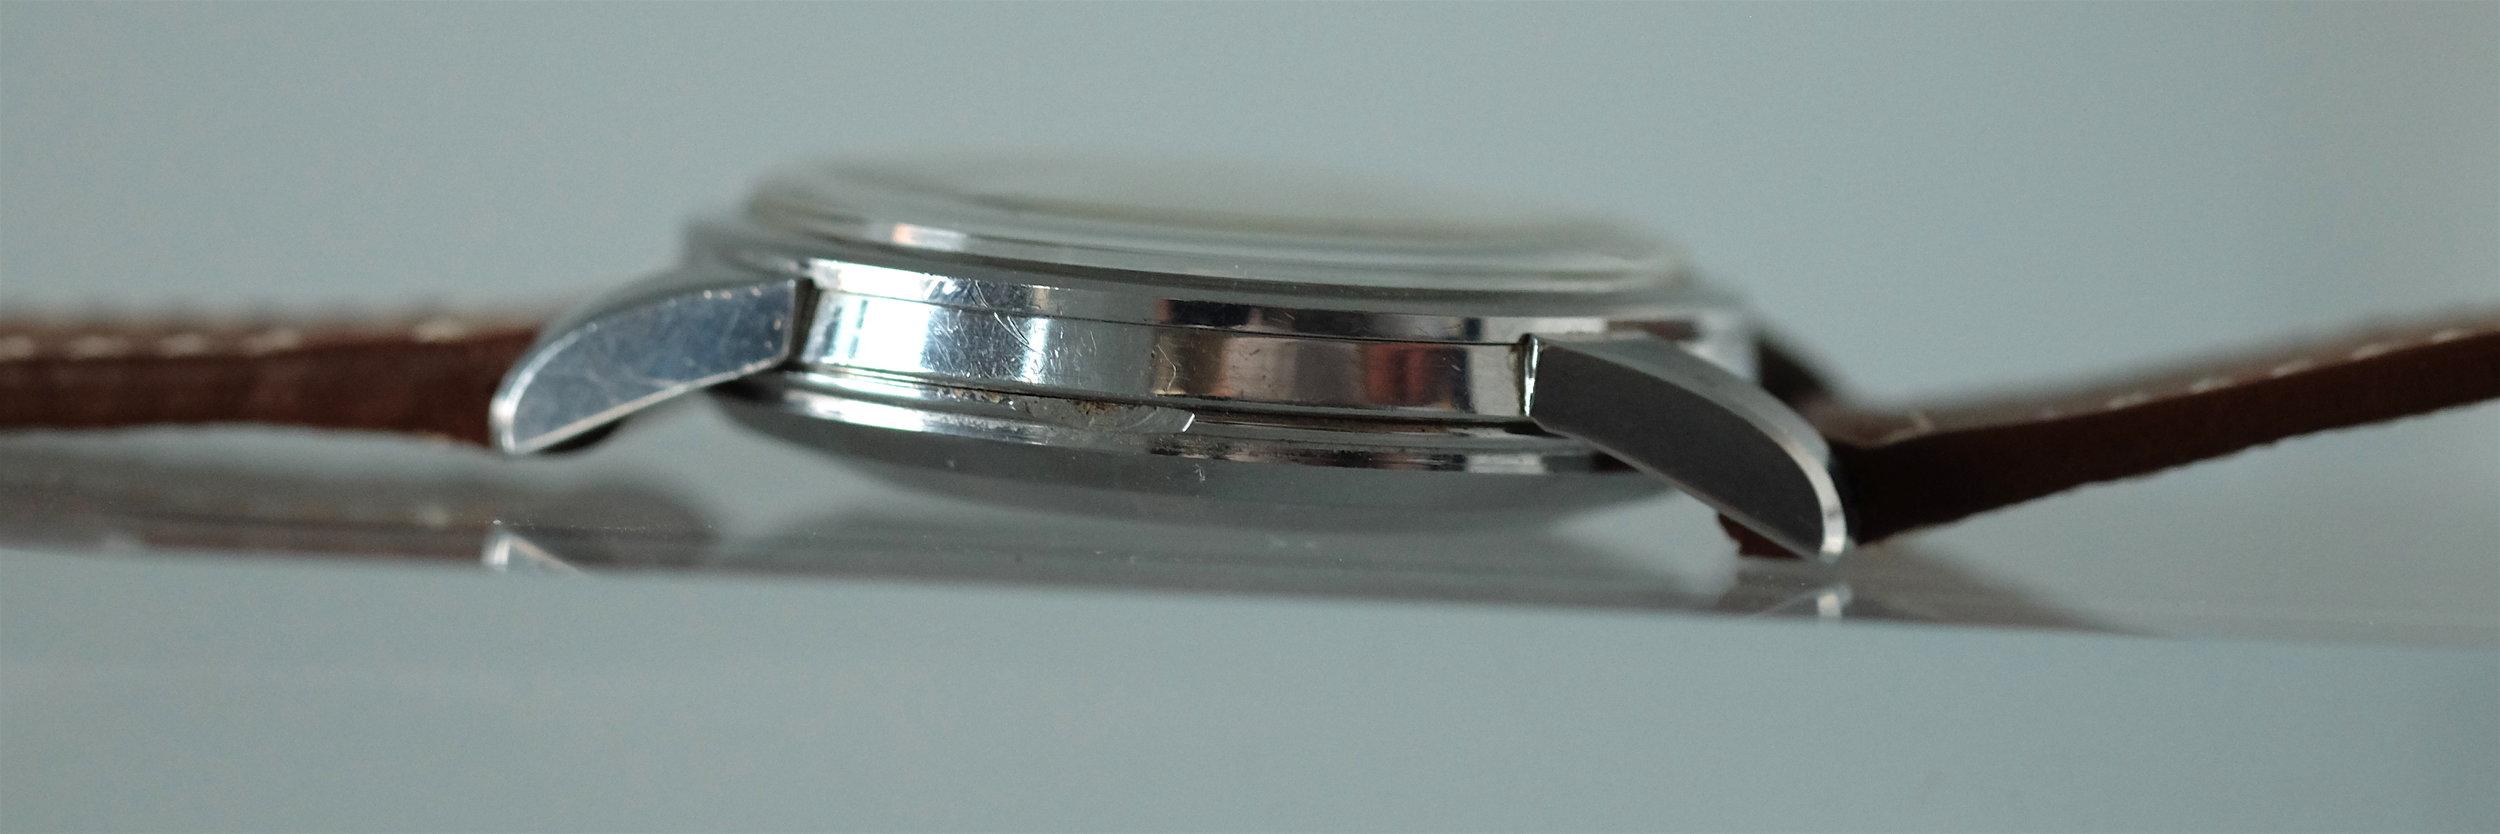 DSCF8463.JPG